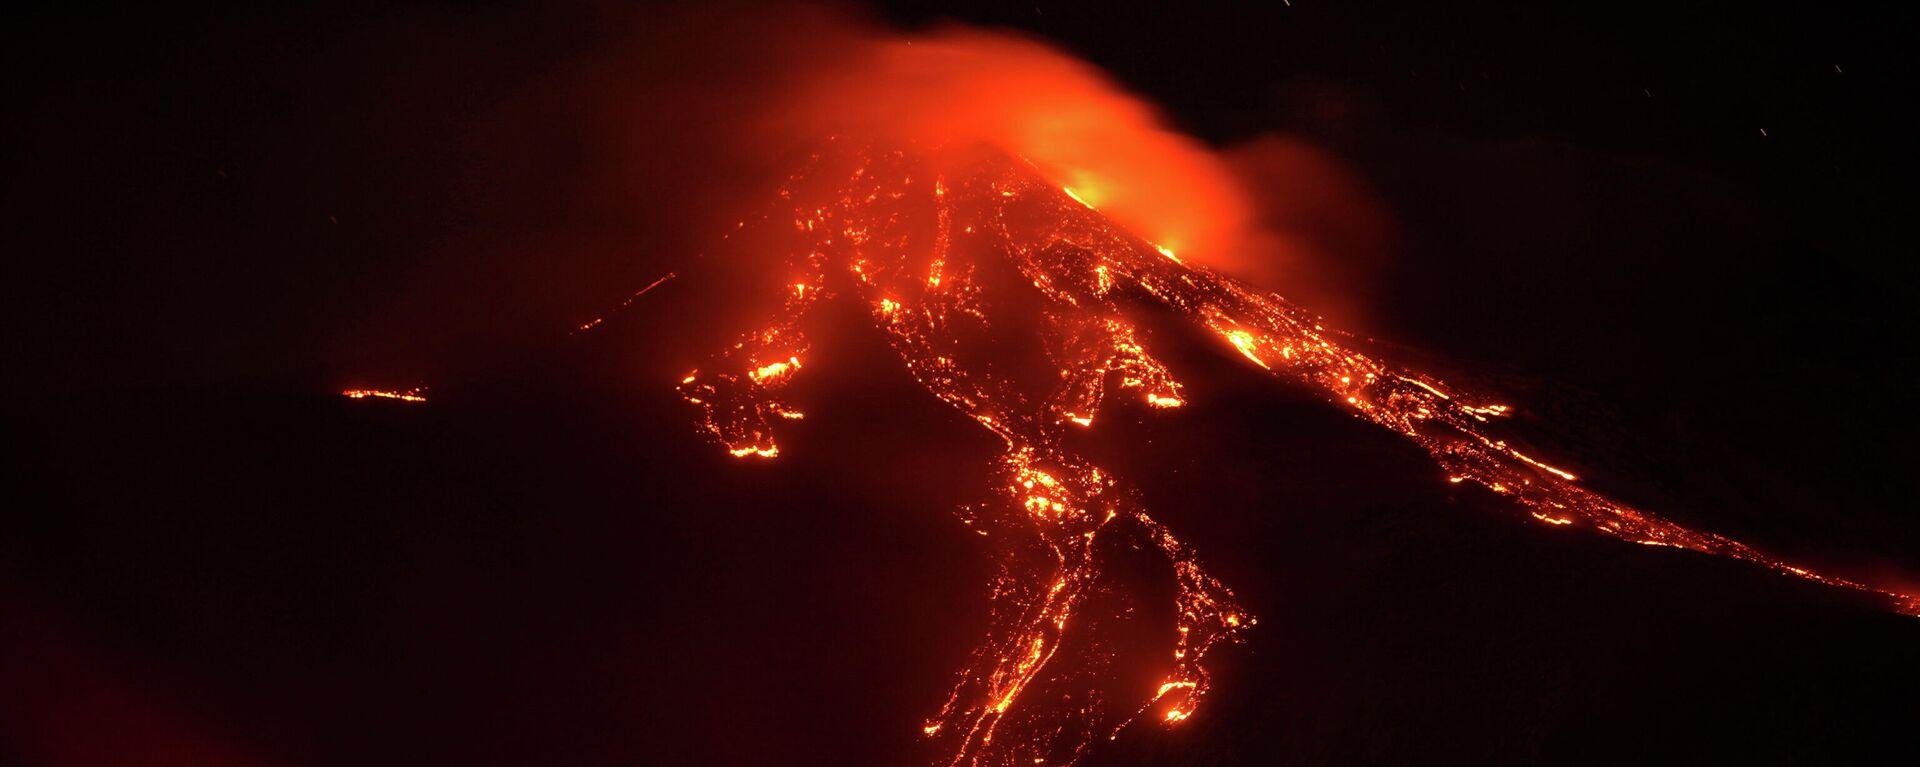 El flujo de lava durante una erupción del monte Etna el 16 de febrero de 2021 - Sputnik Mundo, 1920, 07.03.2021